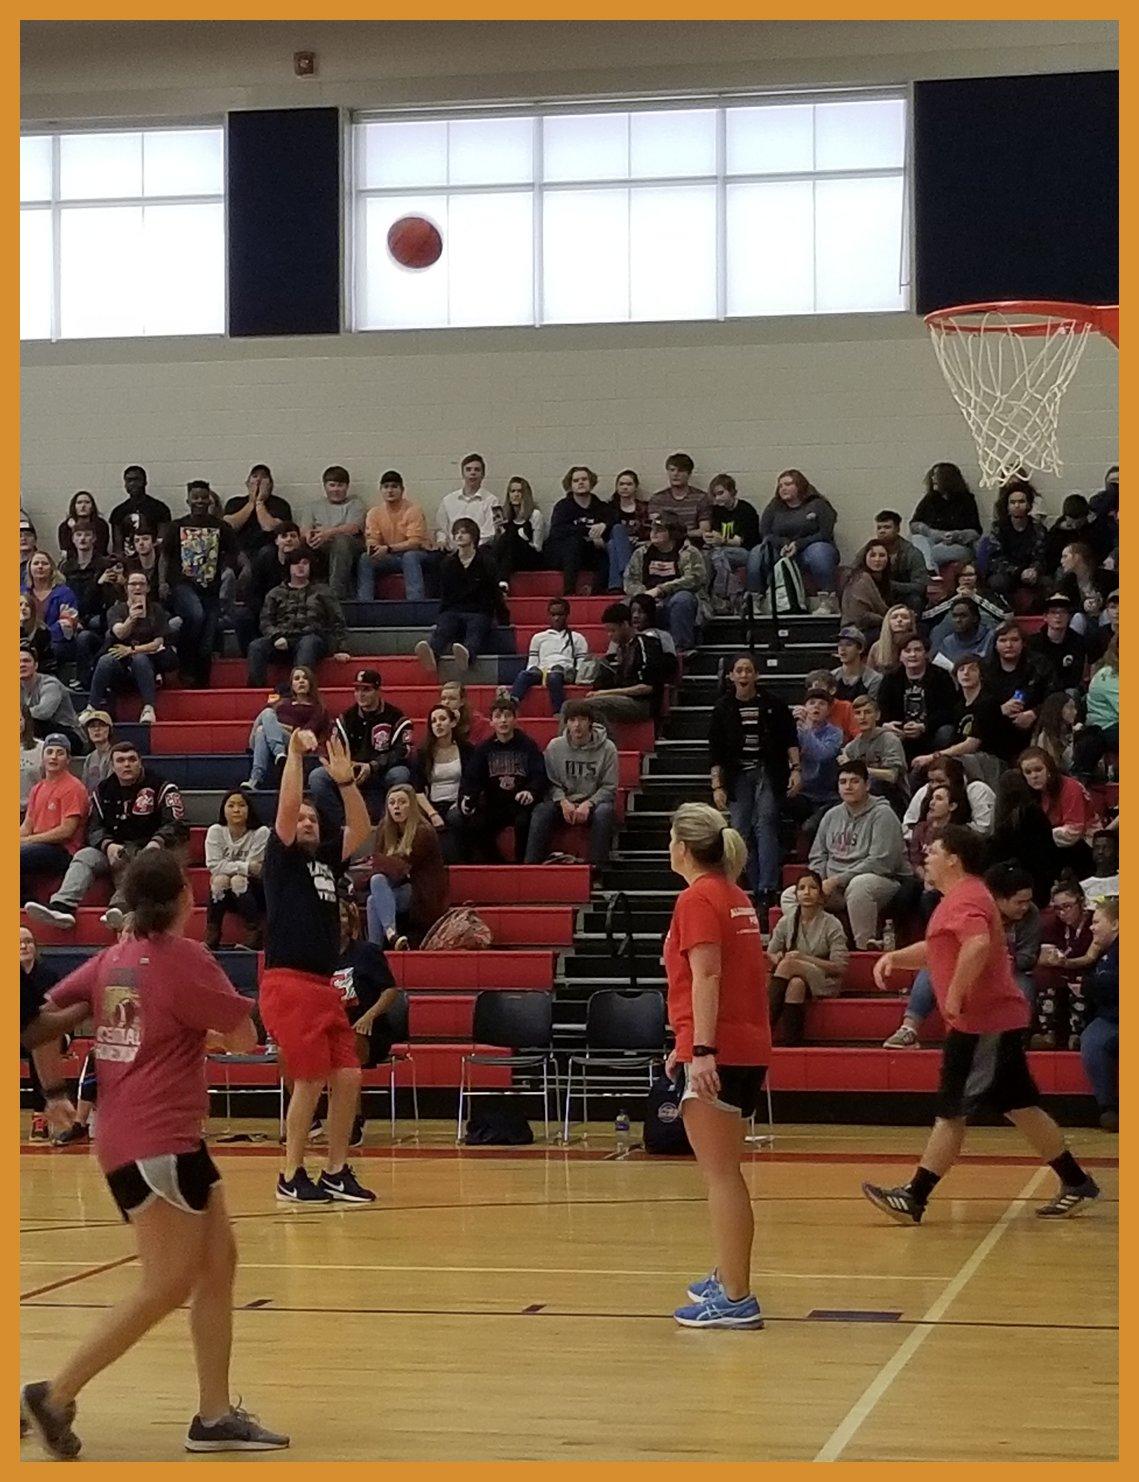 CHS vs. CJHS Faculty Basketball Game